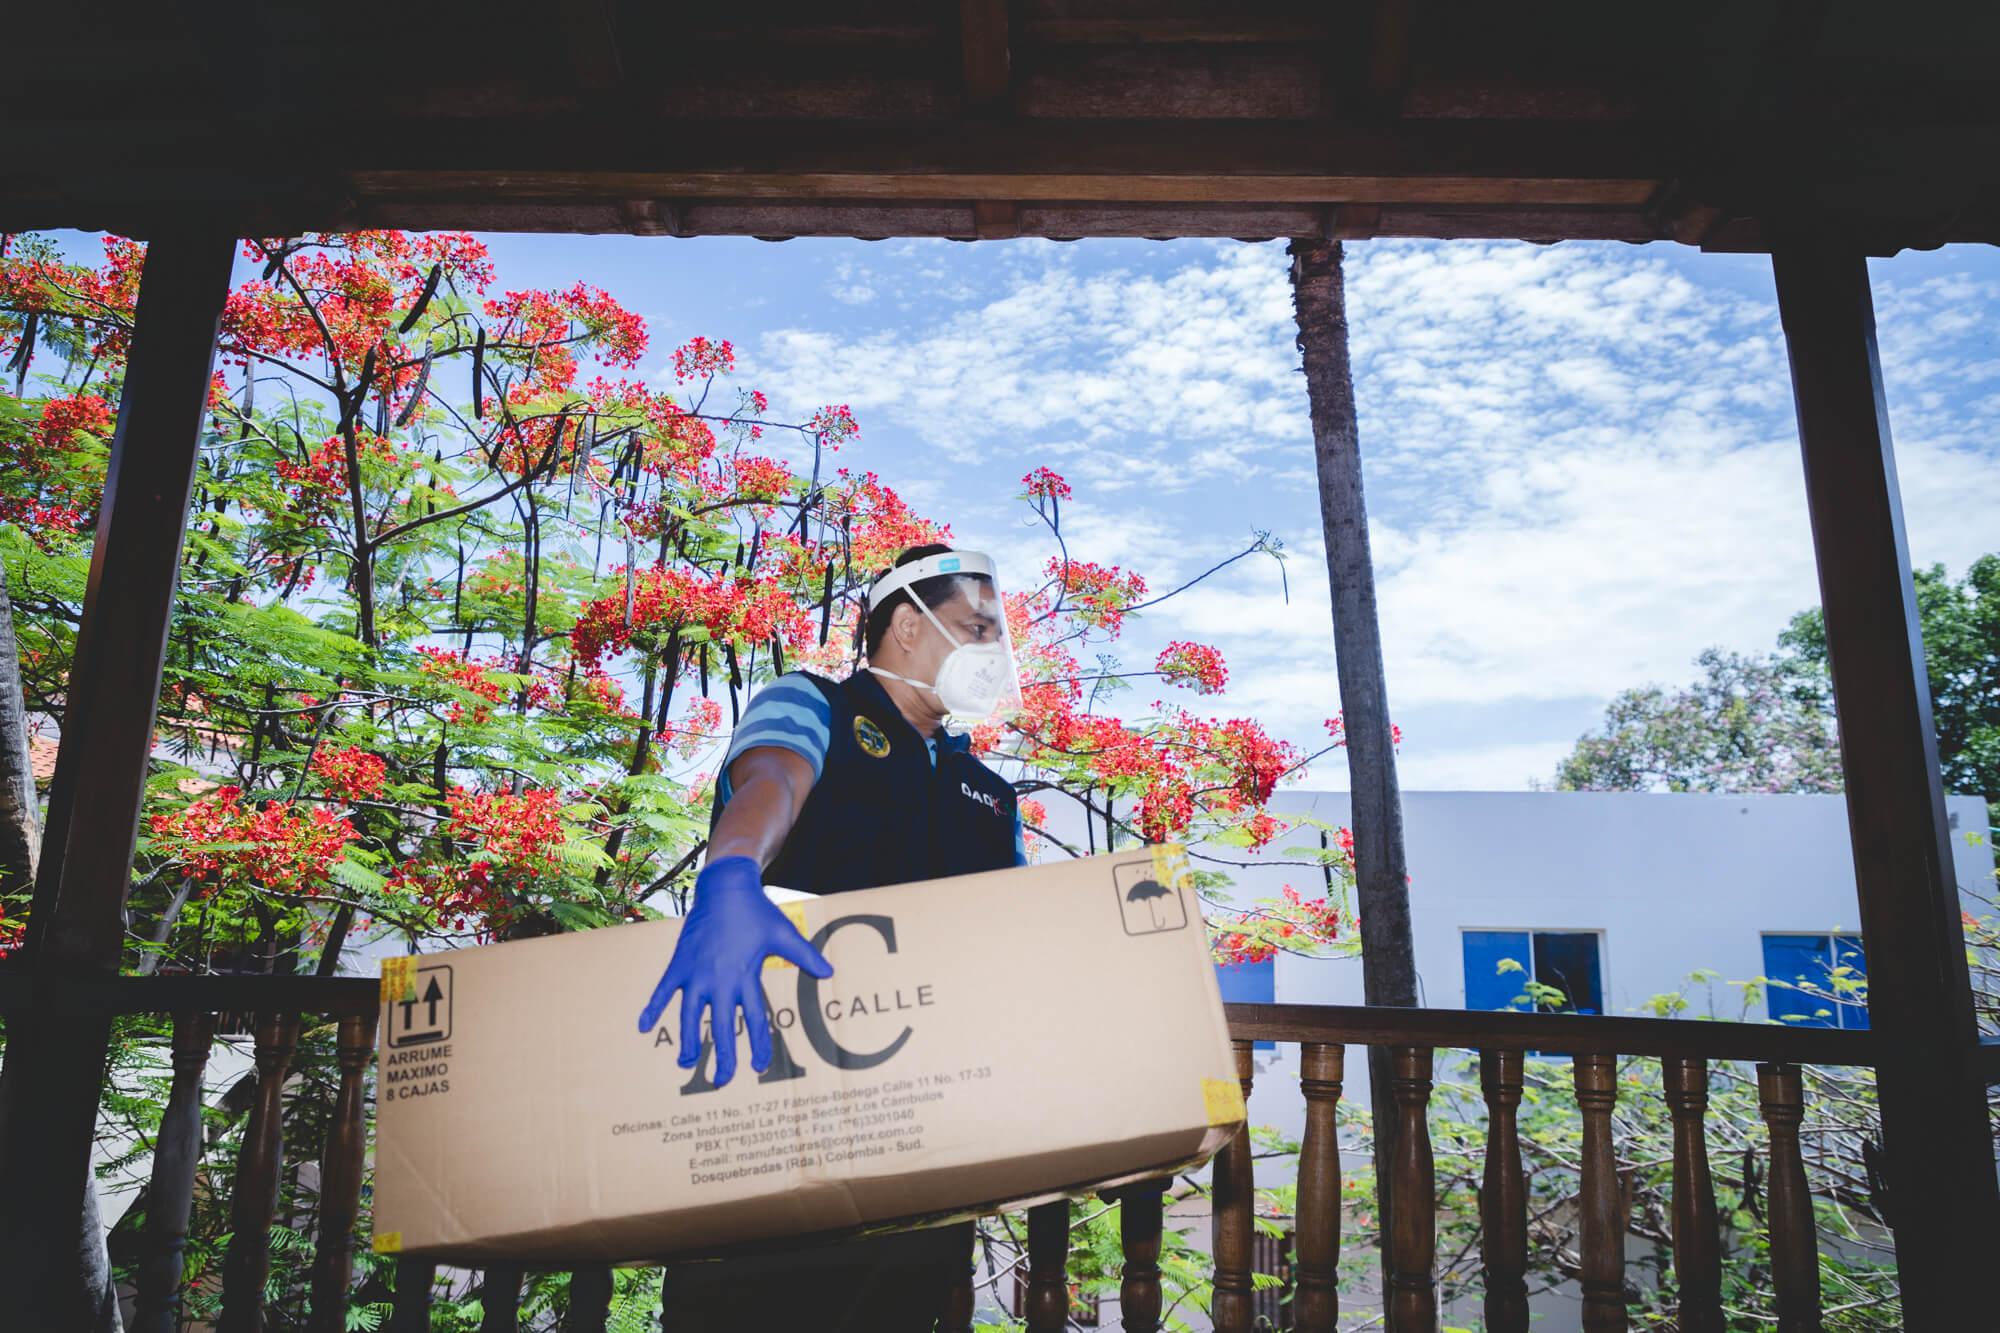 Esenttia entregó 30 mil kits de protección y  9 mil caretas para médicos de Cartagena